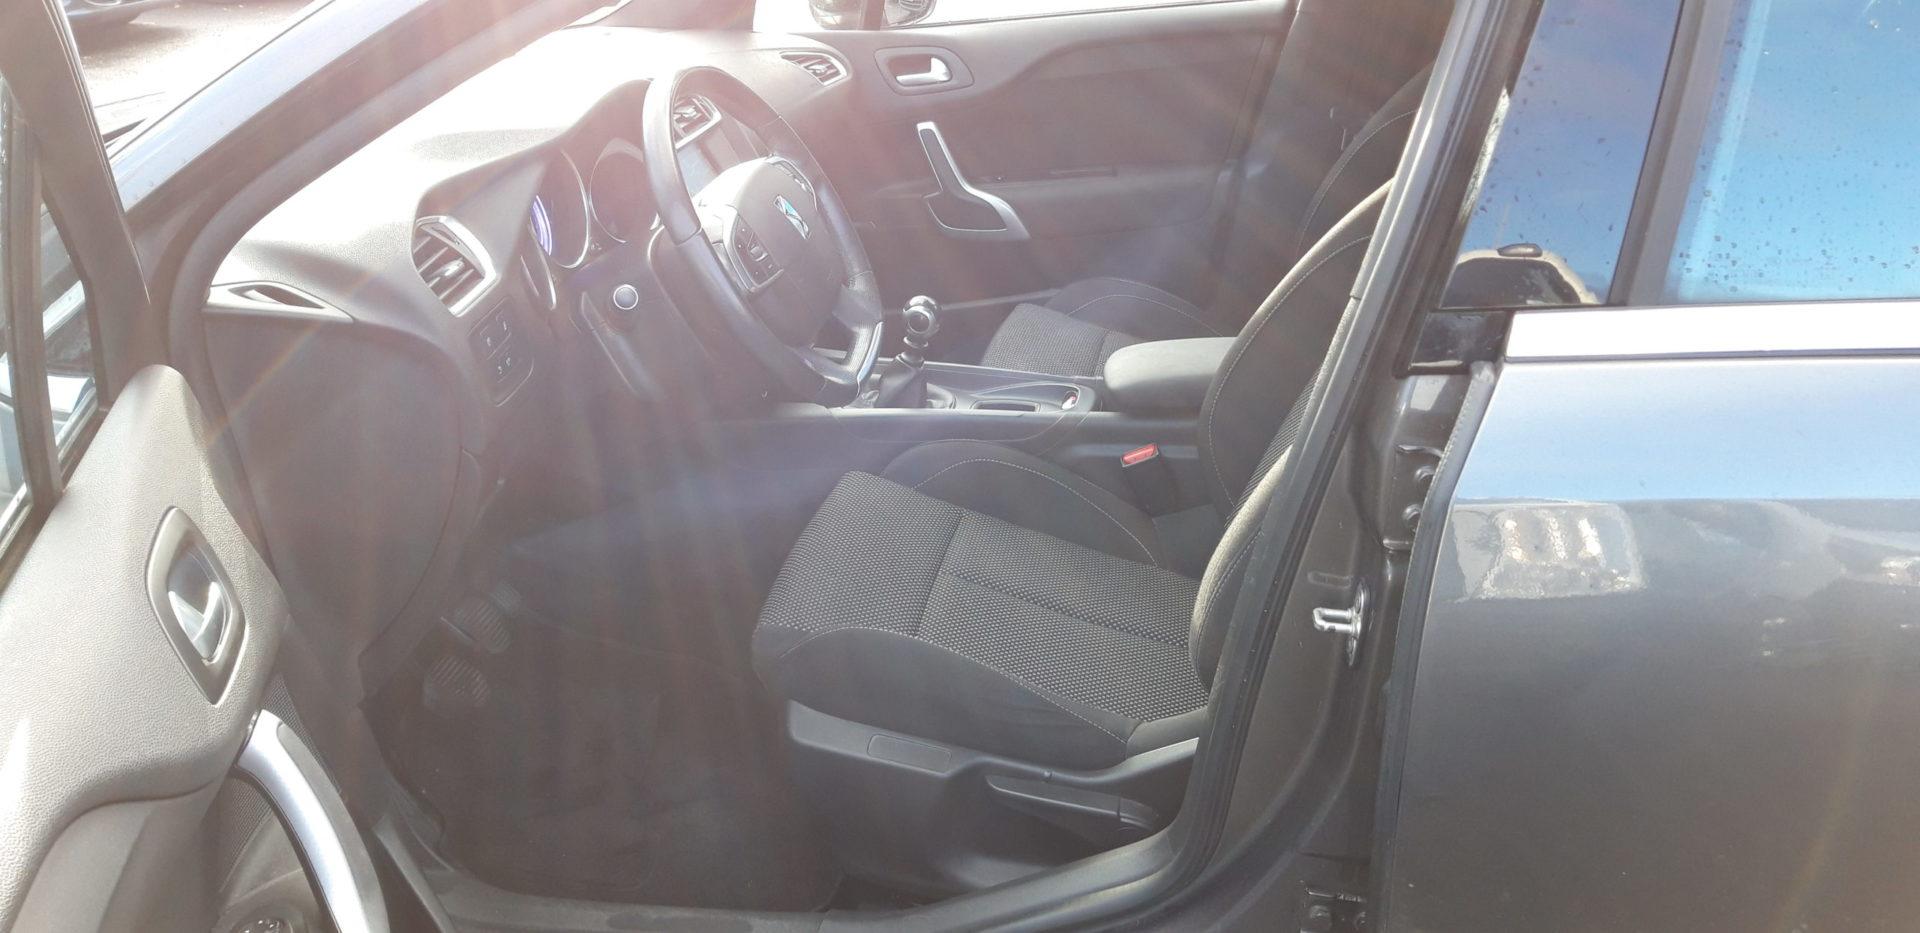 Garage Jallier Tharreau Garage Automobile Cholet Location Vehicule 9 Places 20201205 151558 1332